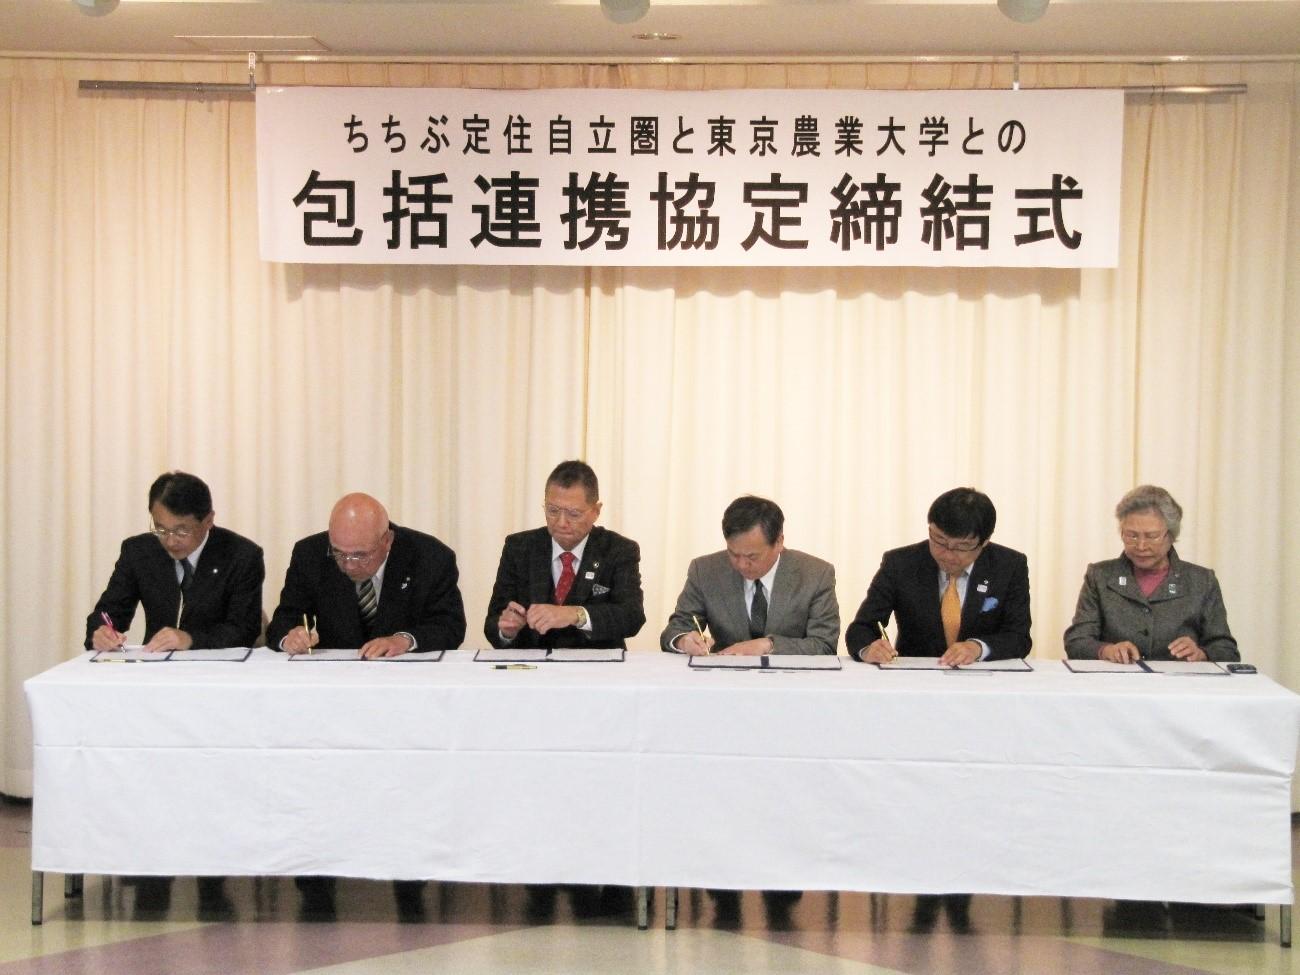 東京農業大学、ちちぶ定住自立圏との包括連携協定締結 | 東京農業大学